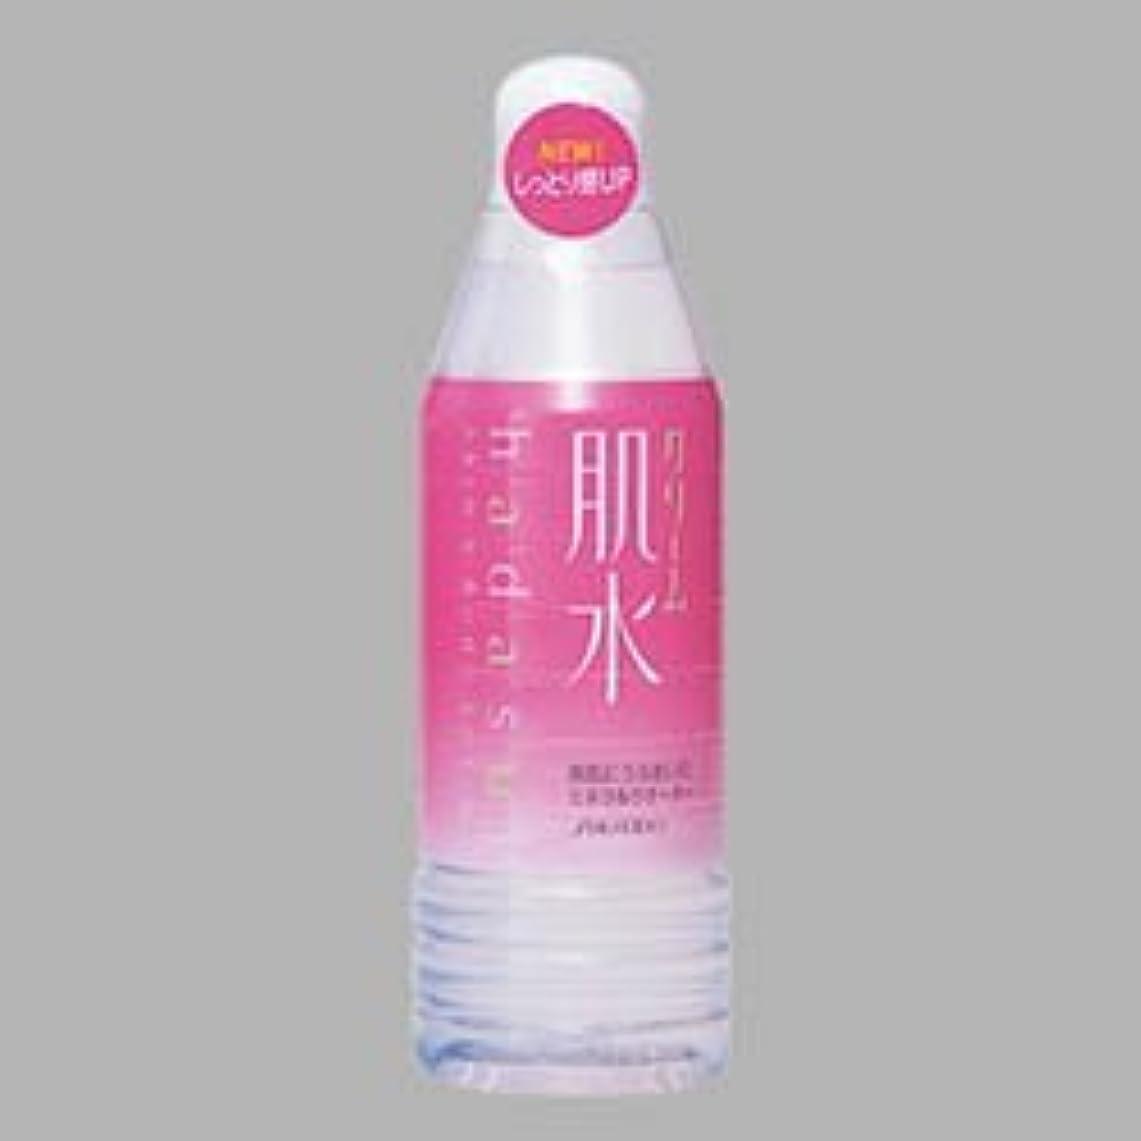 慣れる起こるバリケード【エフティ資生堂】クリーム肌水 ボトル 400ml☆☆ ×20個セット